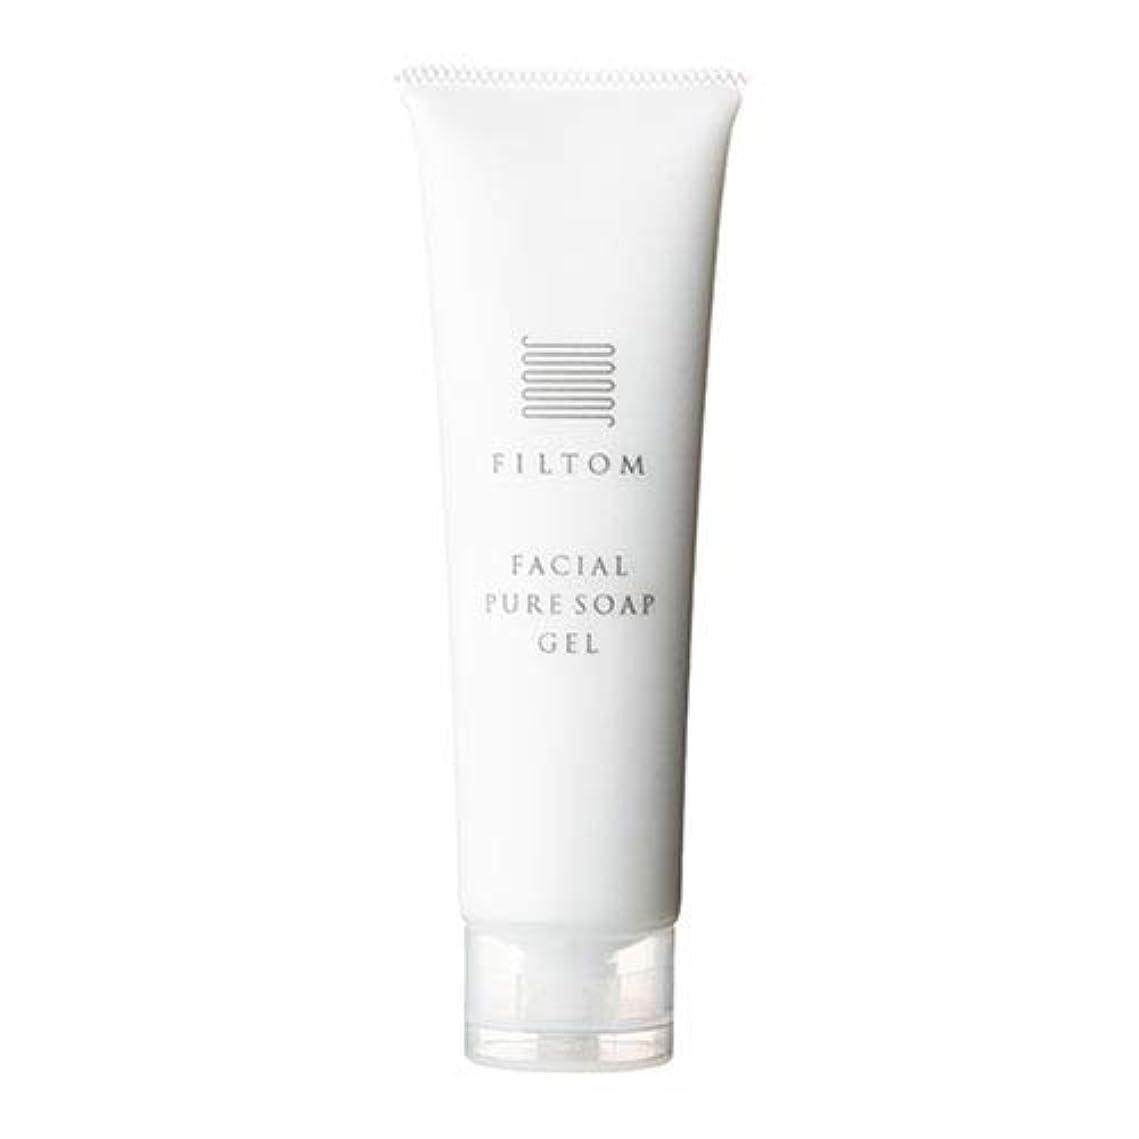 クリーナーパトロン関数フィルトム純石鹸ベース洗顔フォーム S6A 100mL